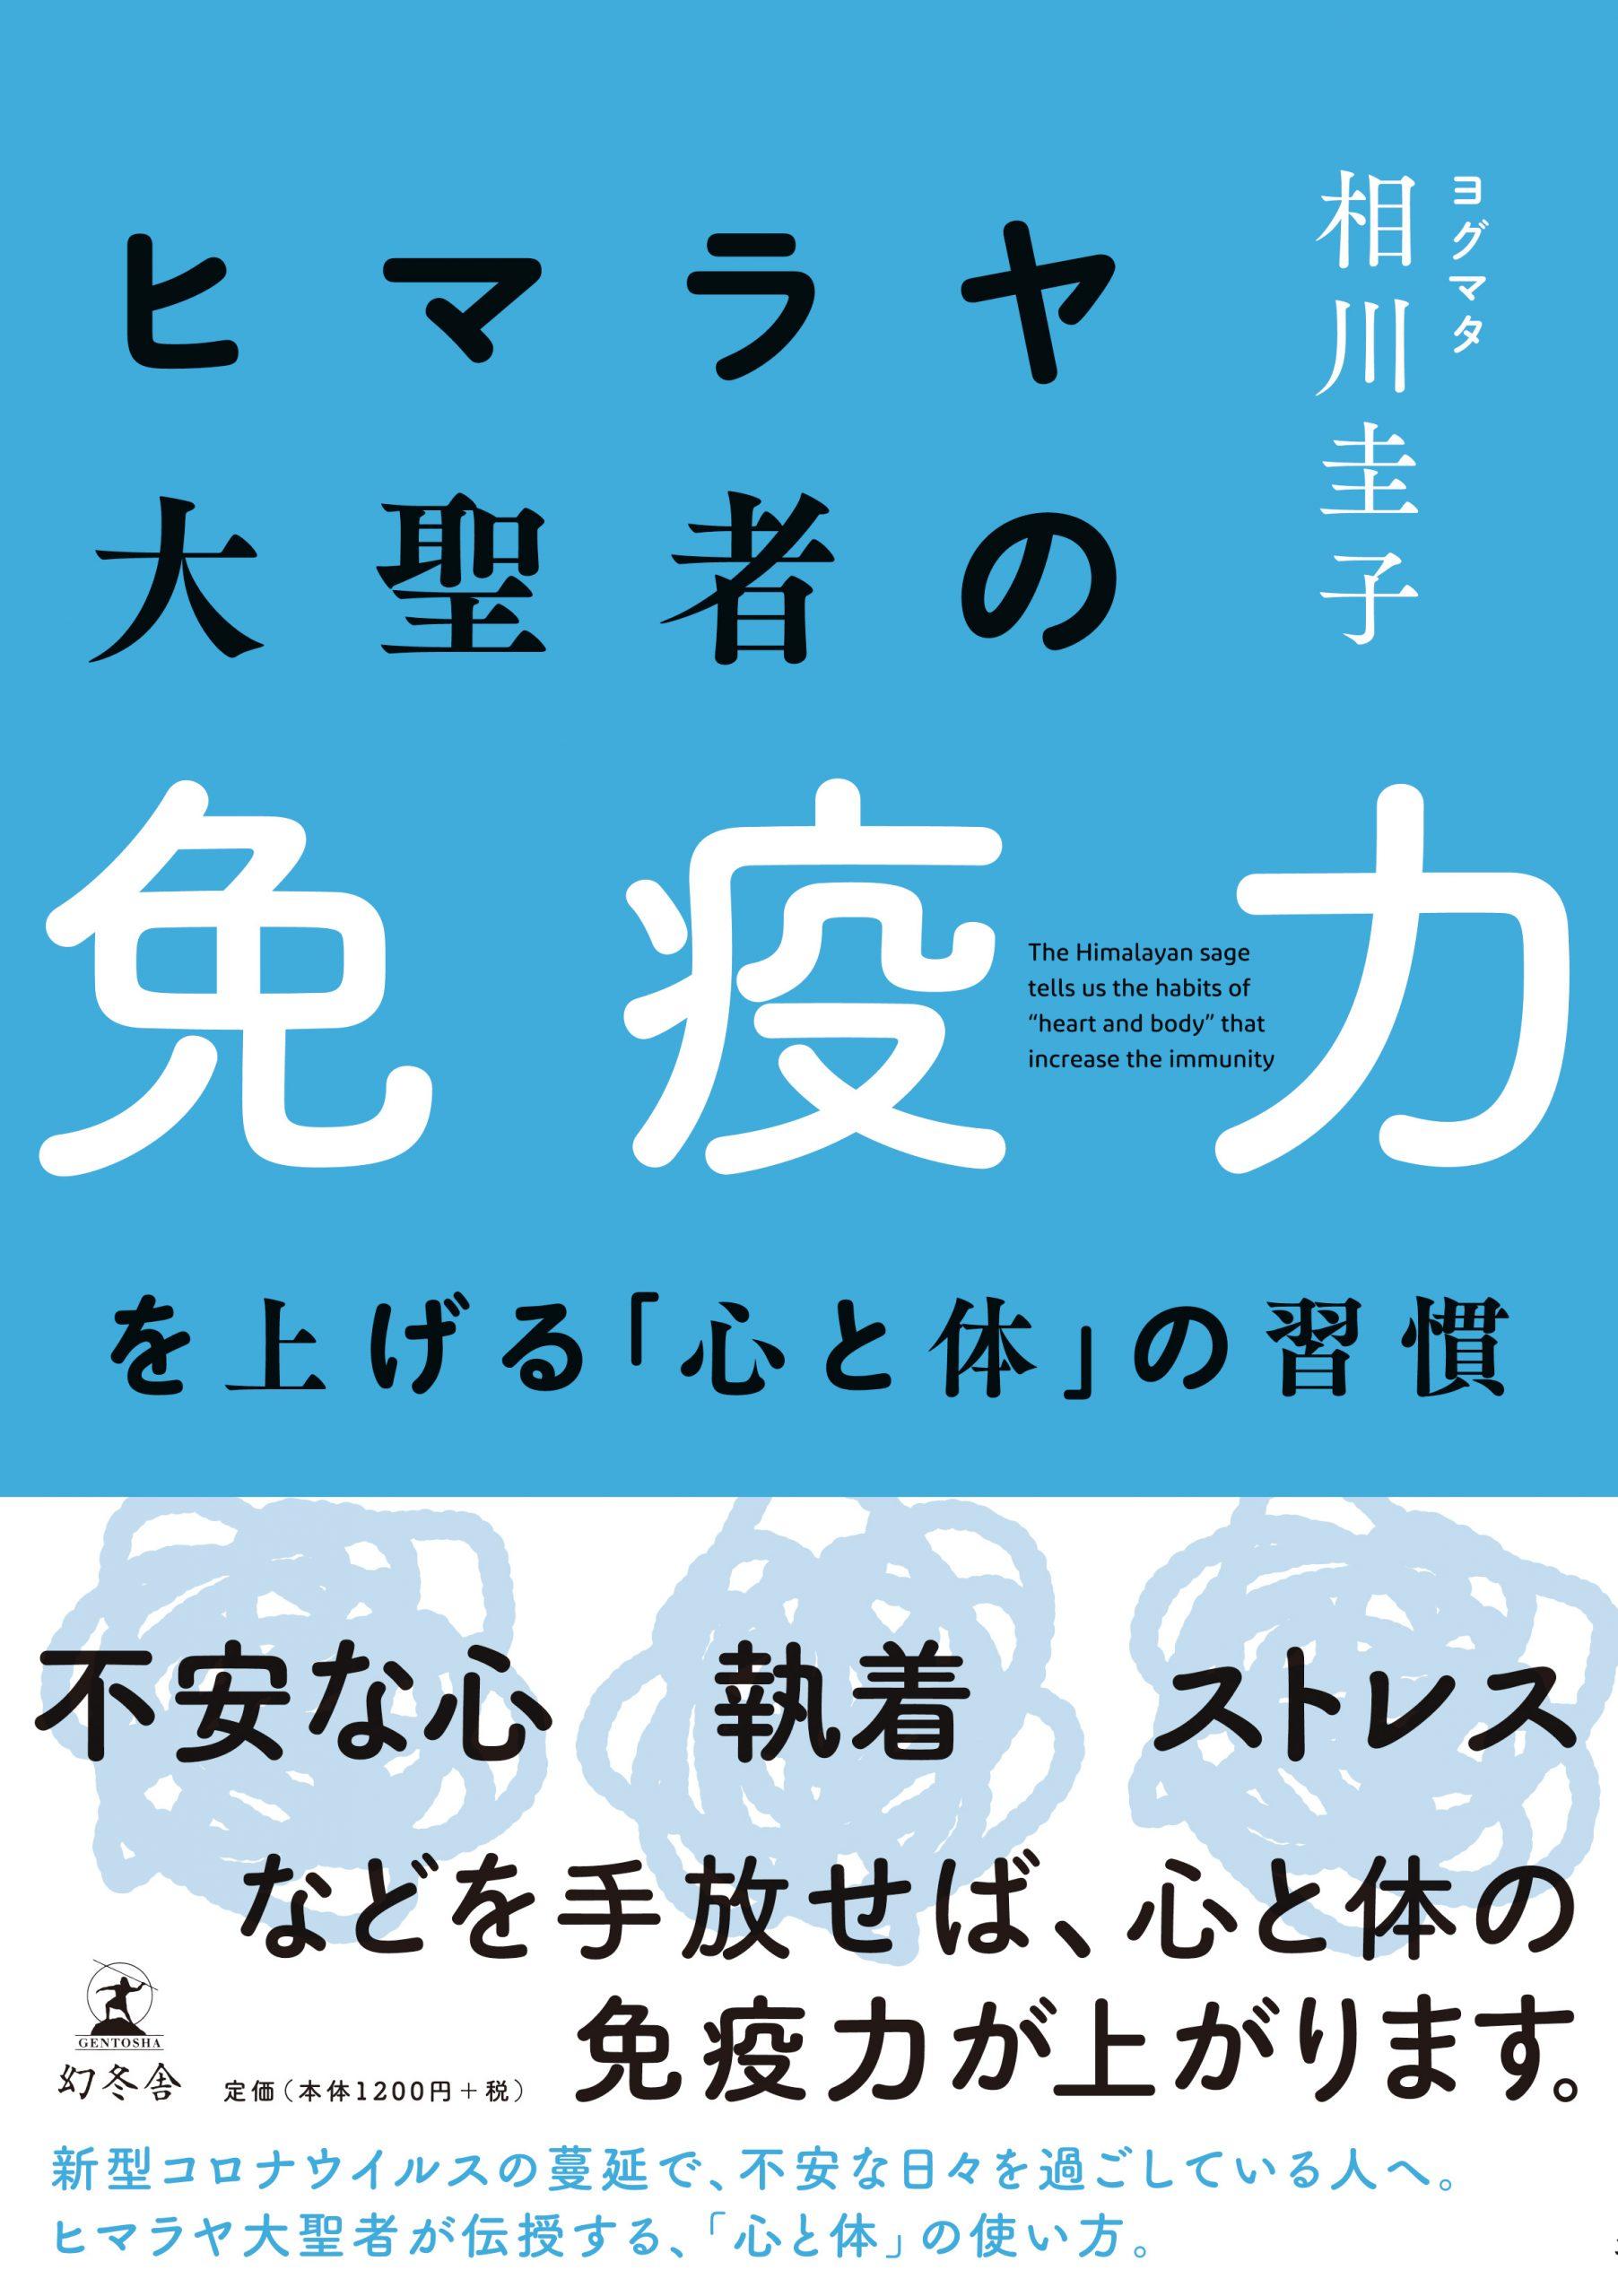 紀伊國屋書店:第304回新宿セミナー@Kinokuniya『ヒマラヤ大聖者の免疫力を上げる「心と体」の習慣』刊行記念 ヨグマタ相川圭子講演会